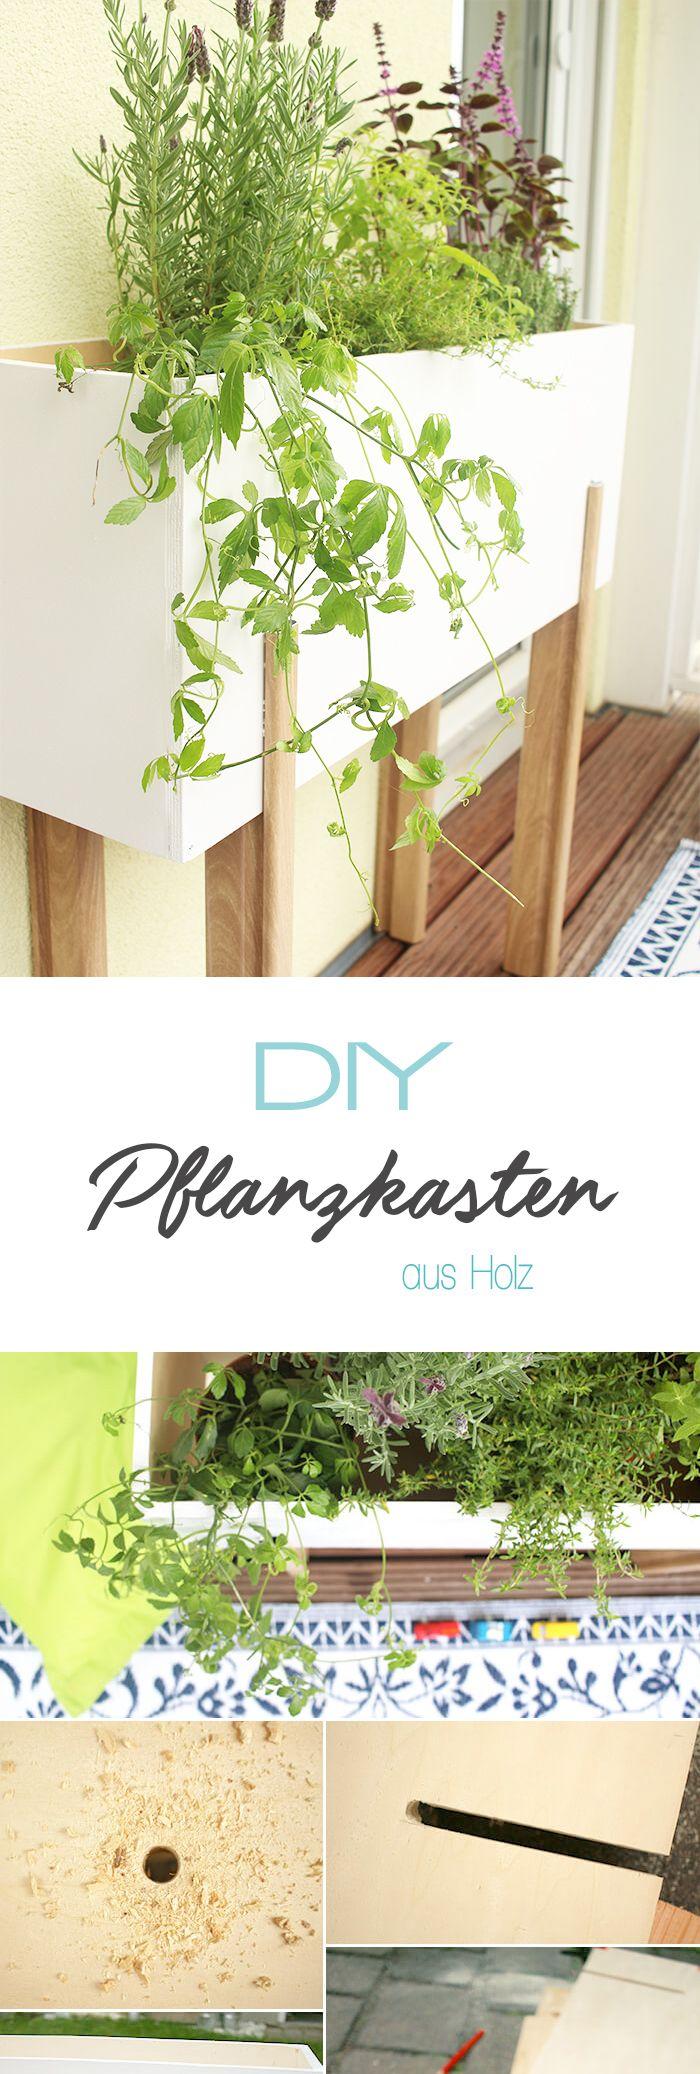 Großartig Best 20+ Paletten möbel bauen ideas on Pinterest | Gartenregale  KW01